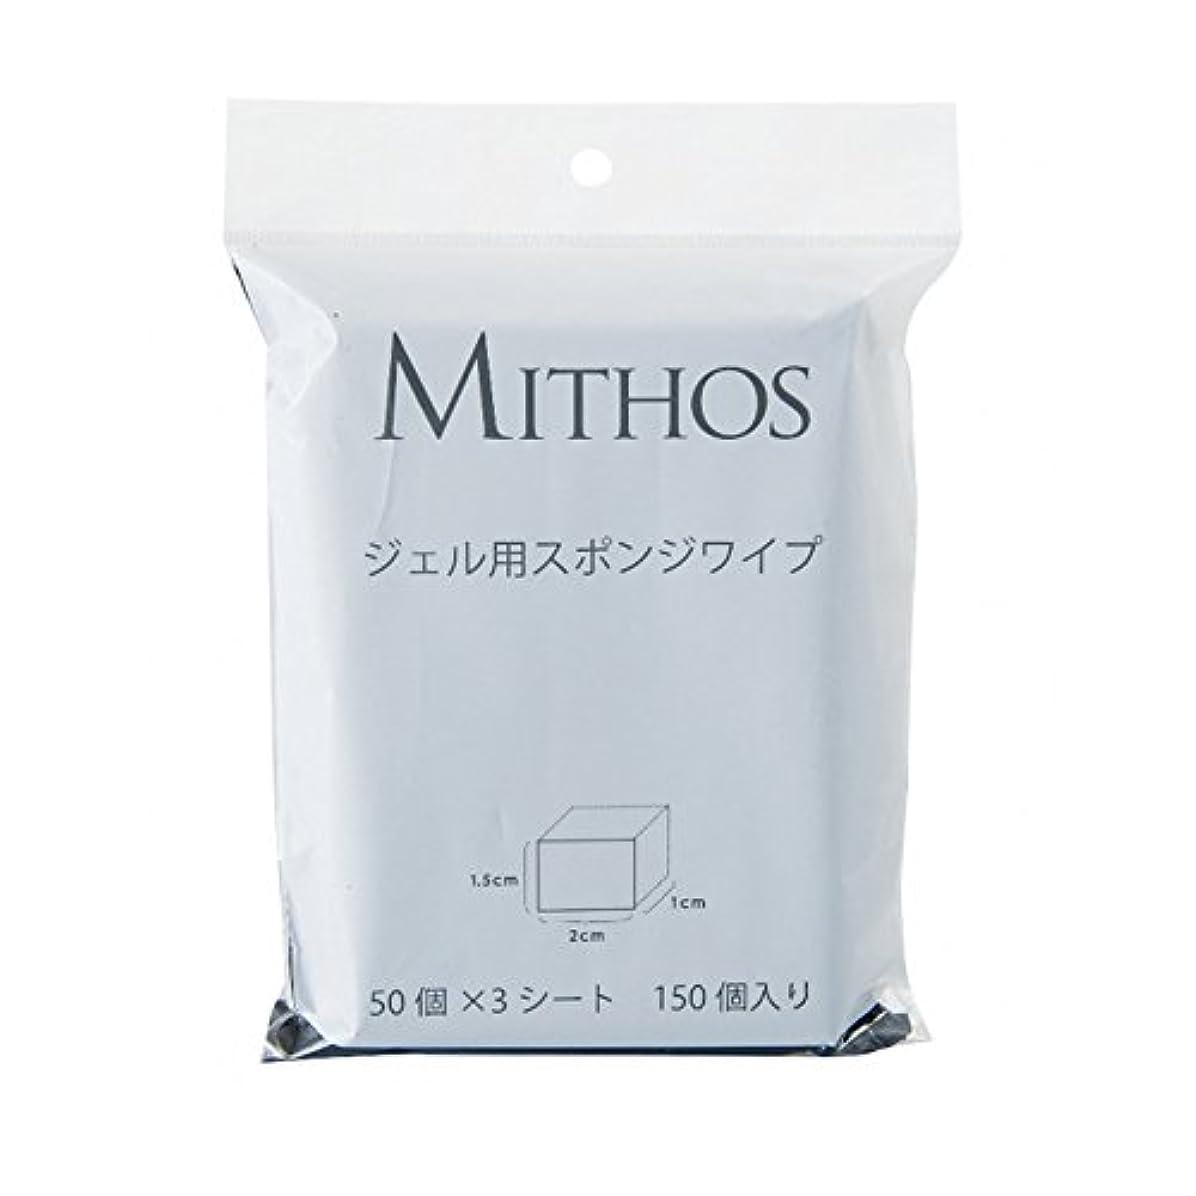 師匠趣味恩赦MITHOS ジェル用スポンジワイプ 150P 1.5×2×1cm 50個×3シート